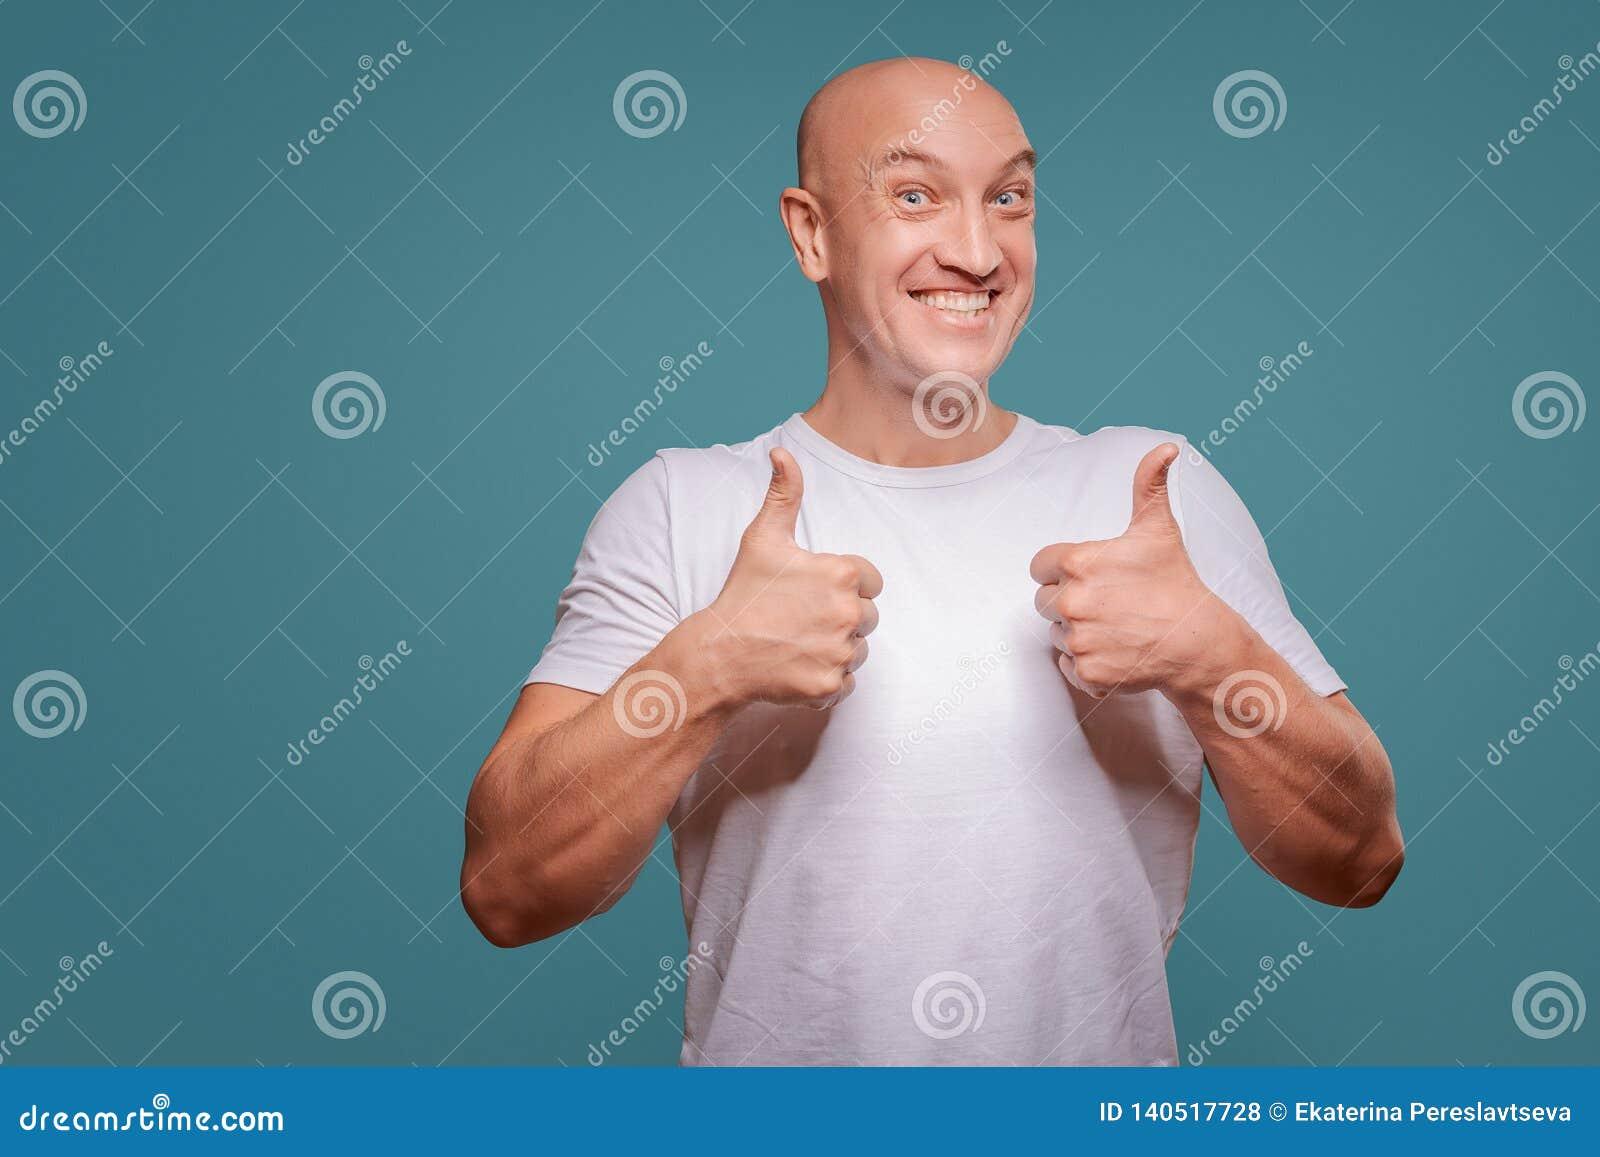 Portret rozochocony mężczyzny seansu ok gest odizolowywający na błękitnym tle